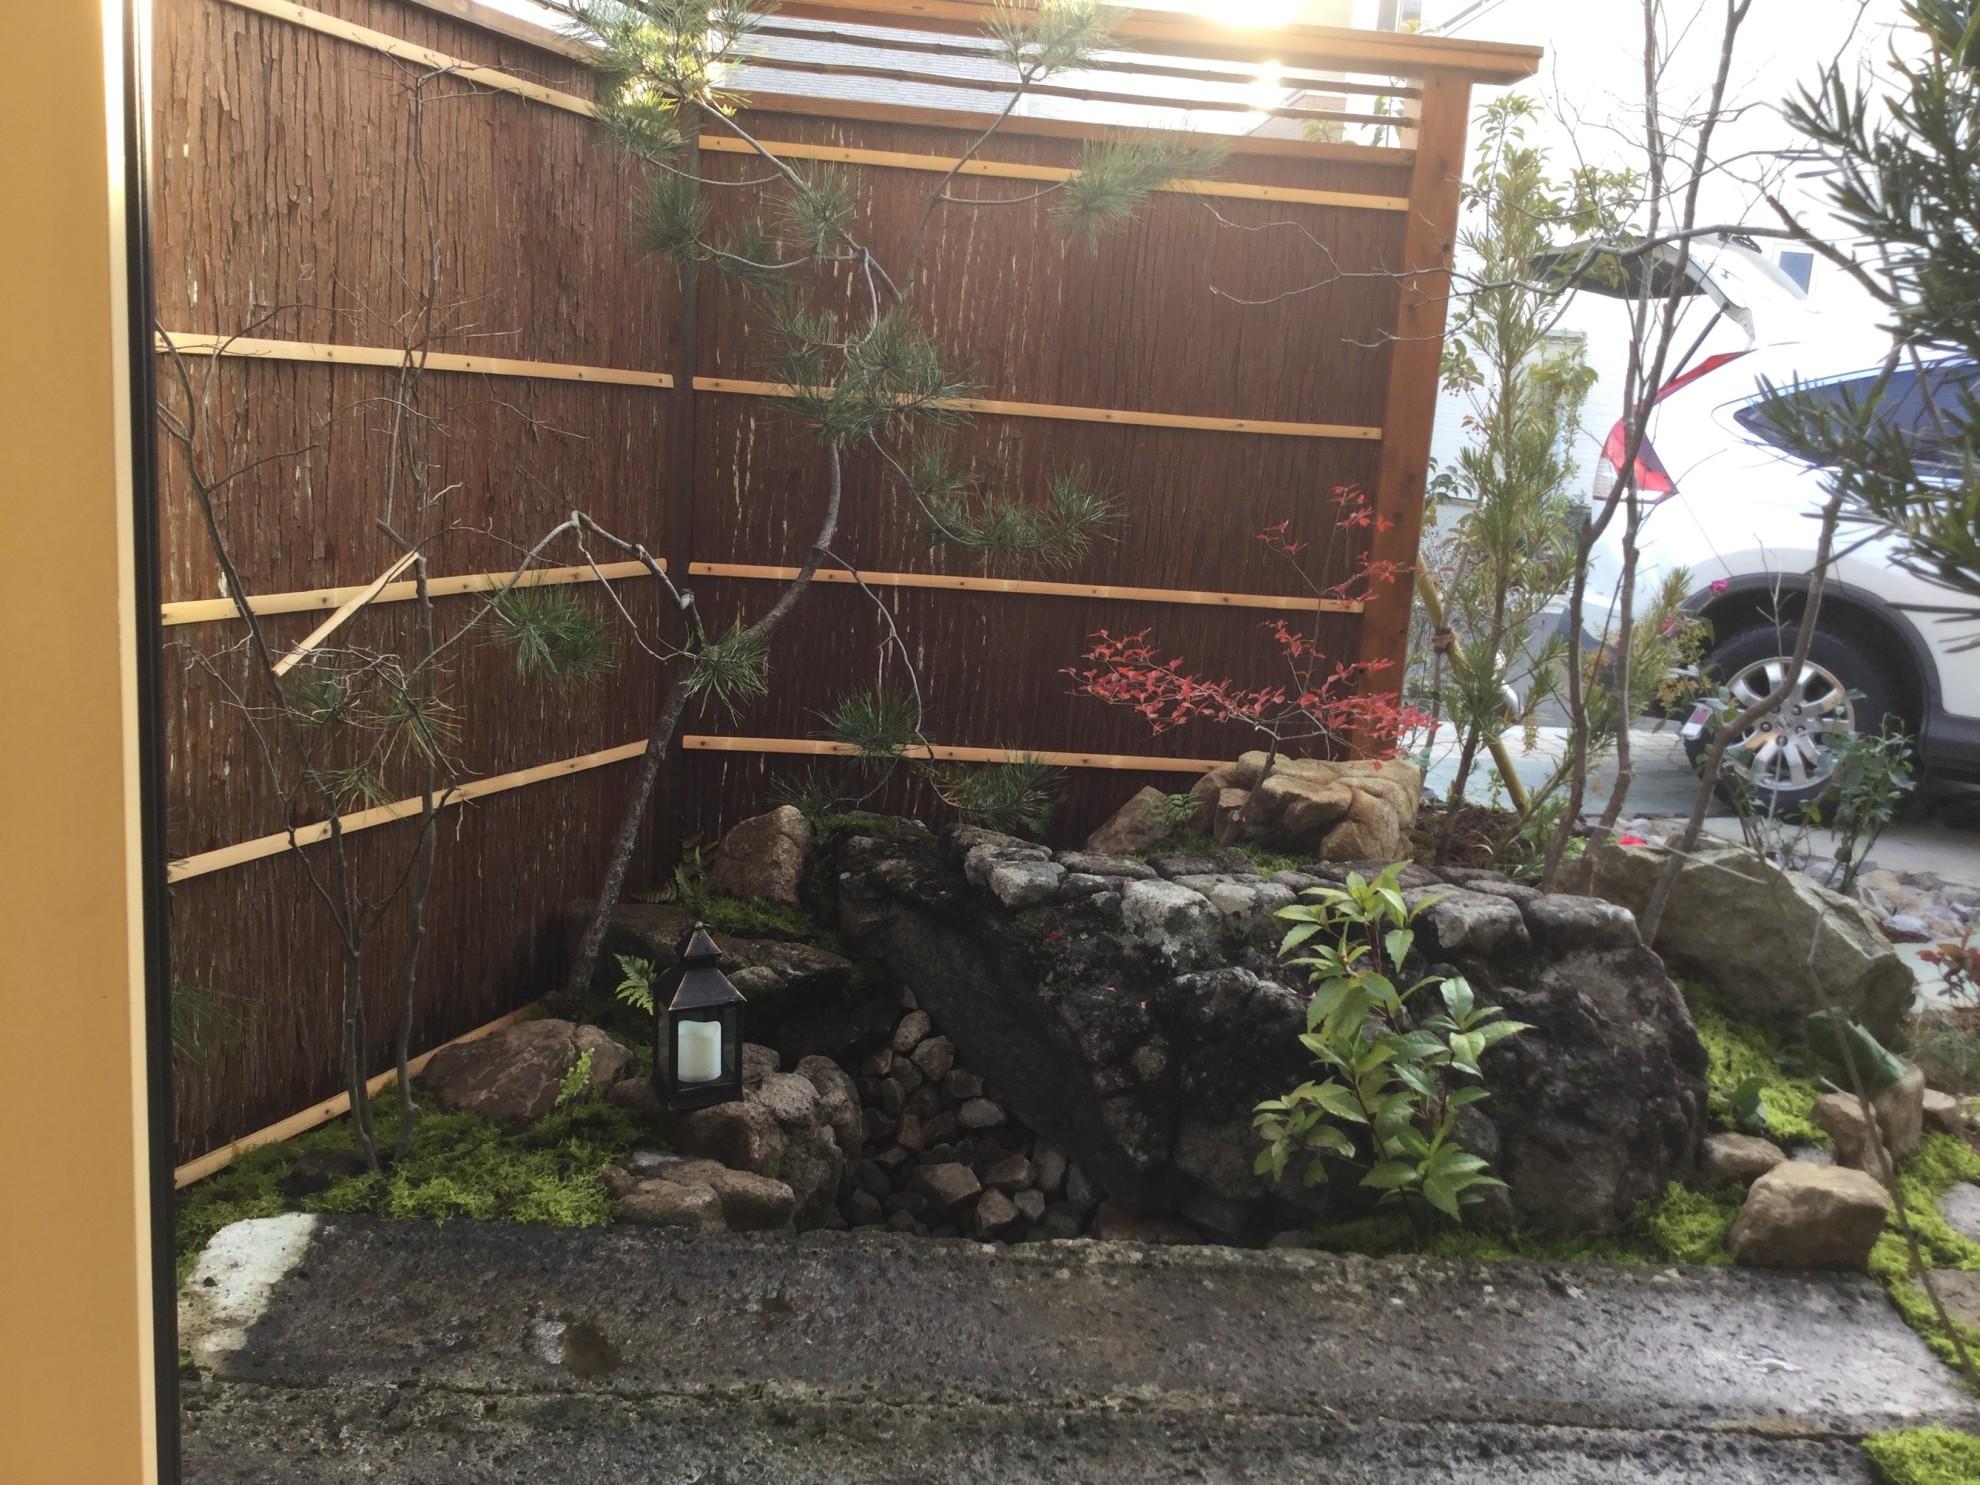 市中山居~苔と枯泉の庭~ 埼玉県(富士見市)-9